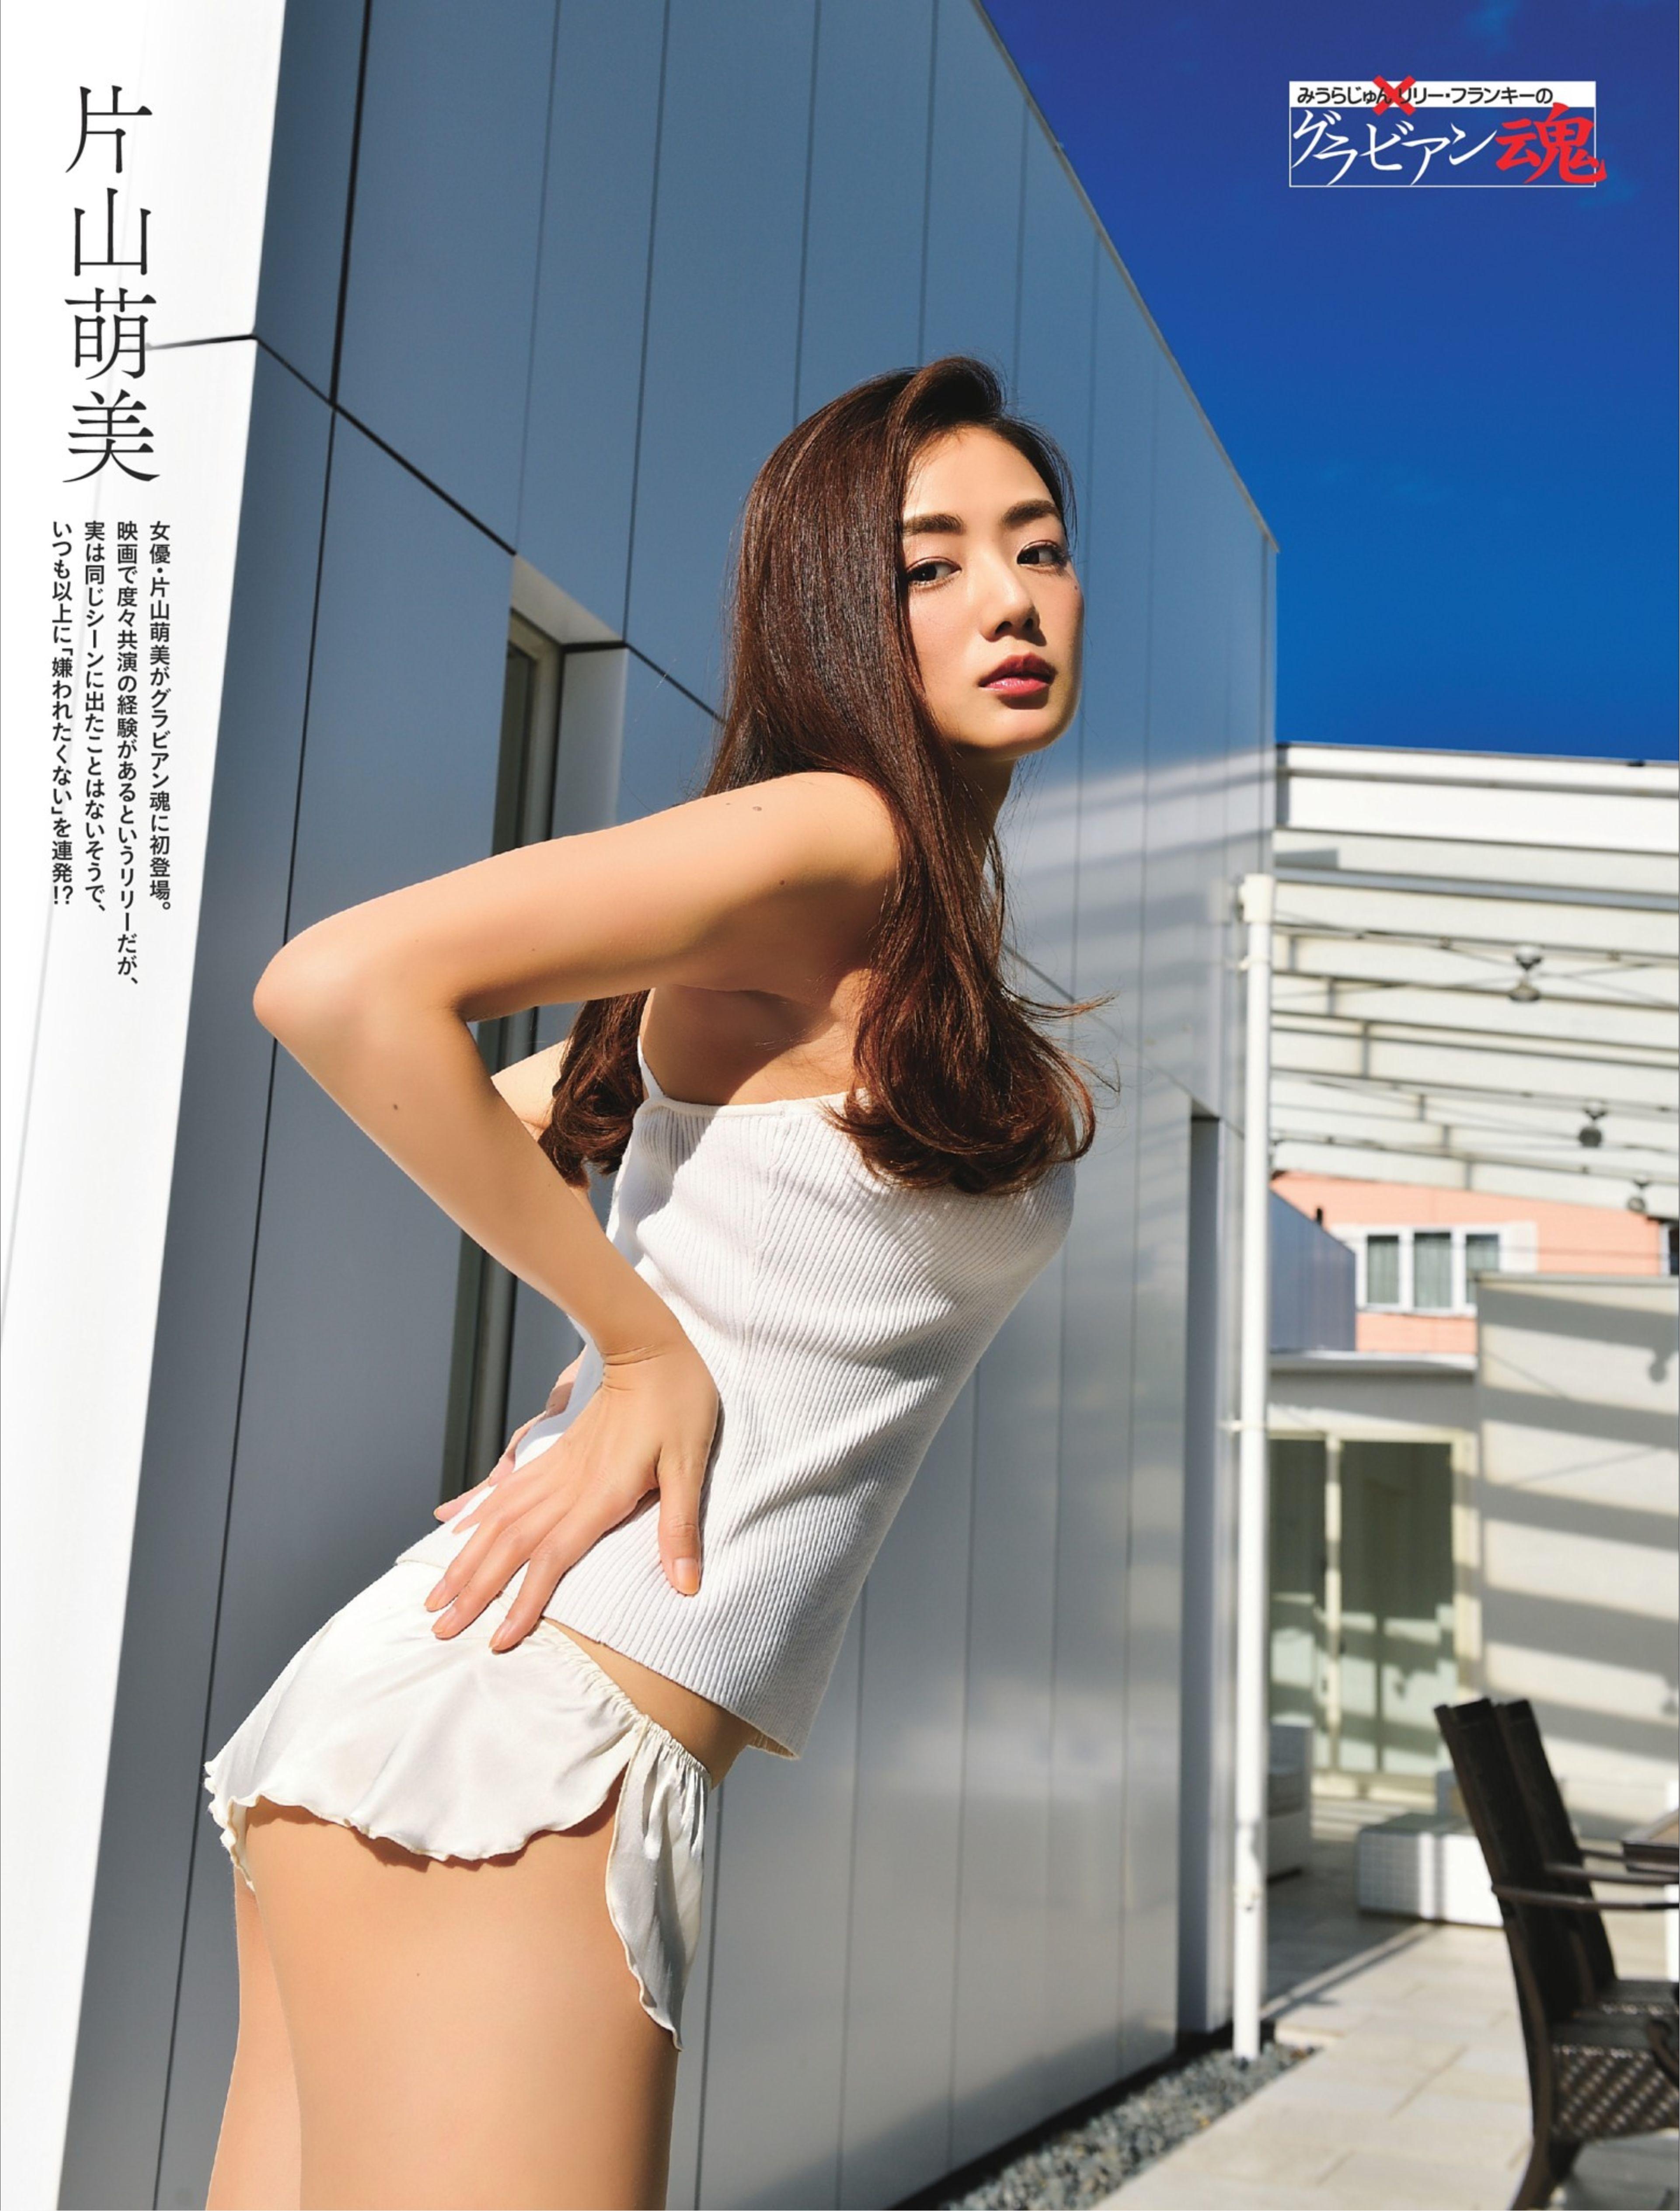 週刊SPA! 2019年11月5・12日合併号 (8)